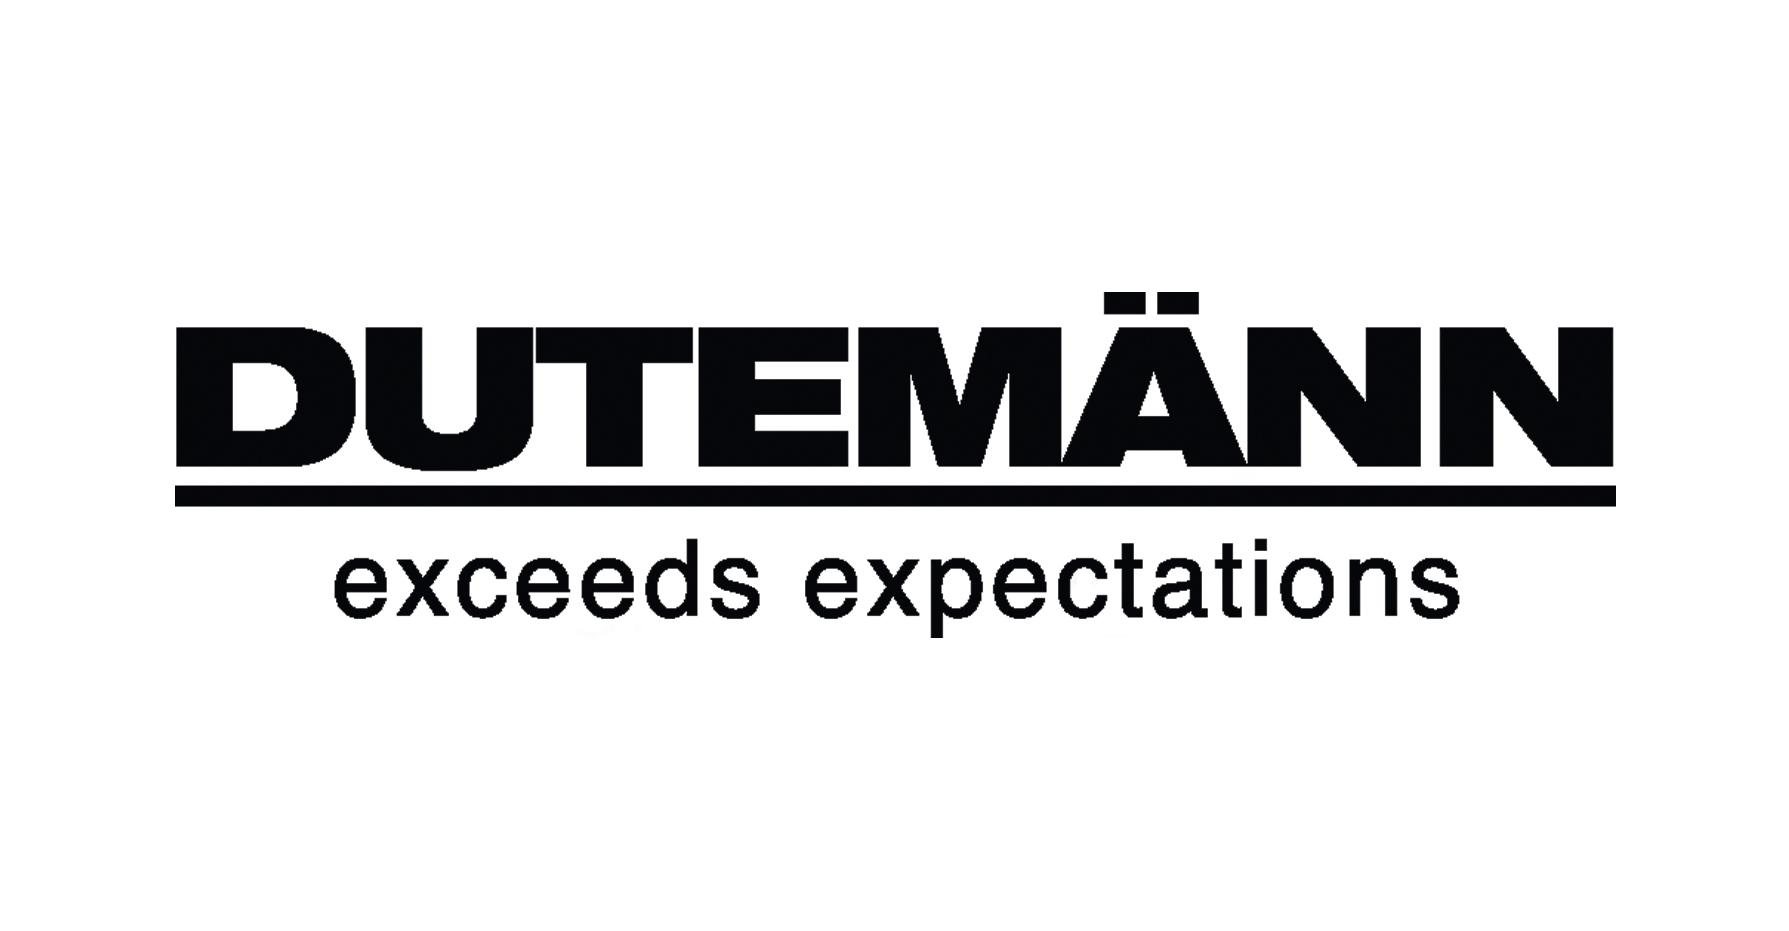 Dutemann